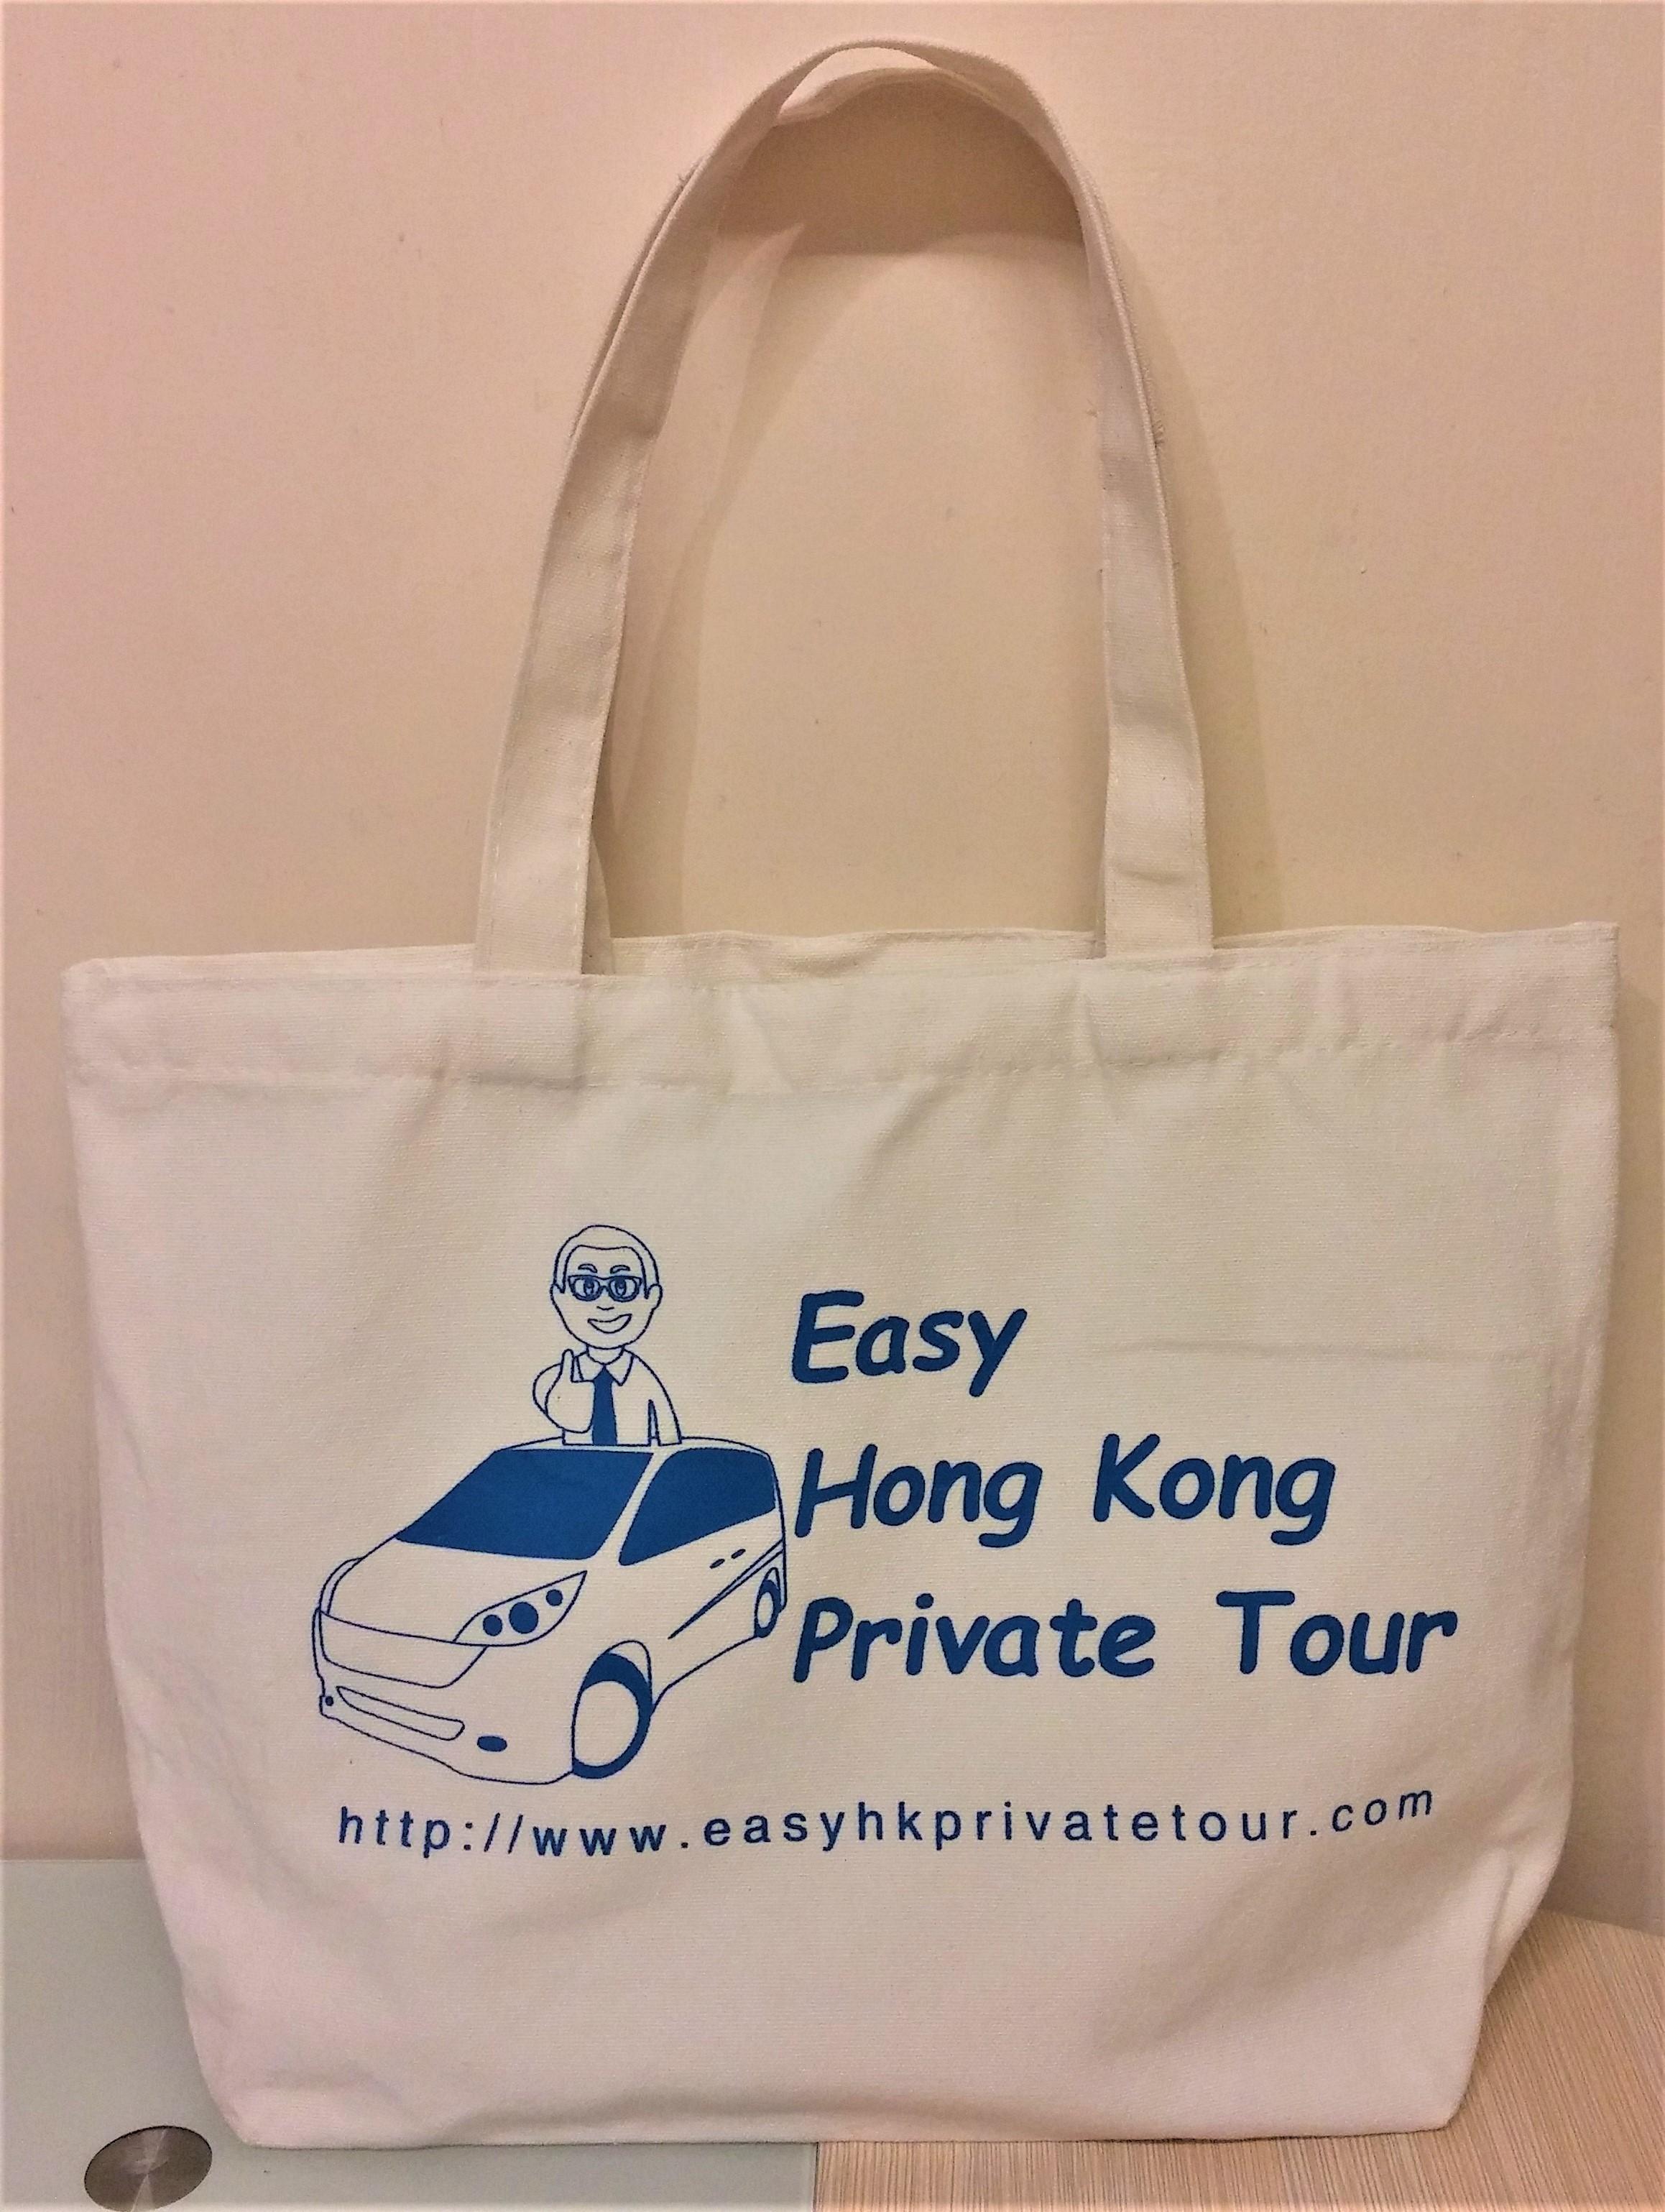 The useful souvenir, Easy Hong Kong Private Tour canvas bag